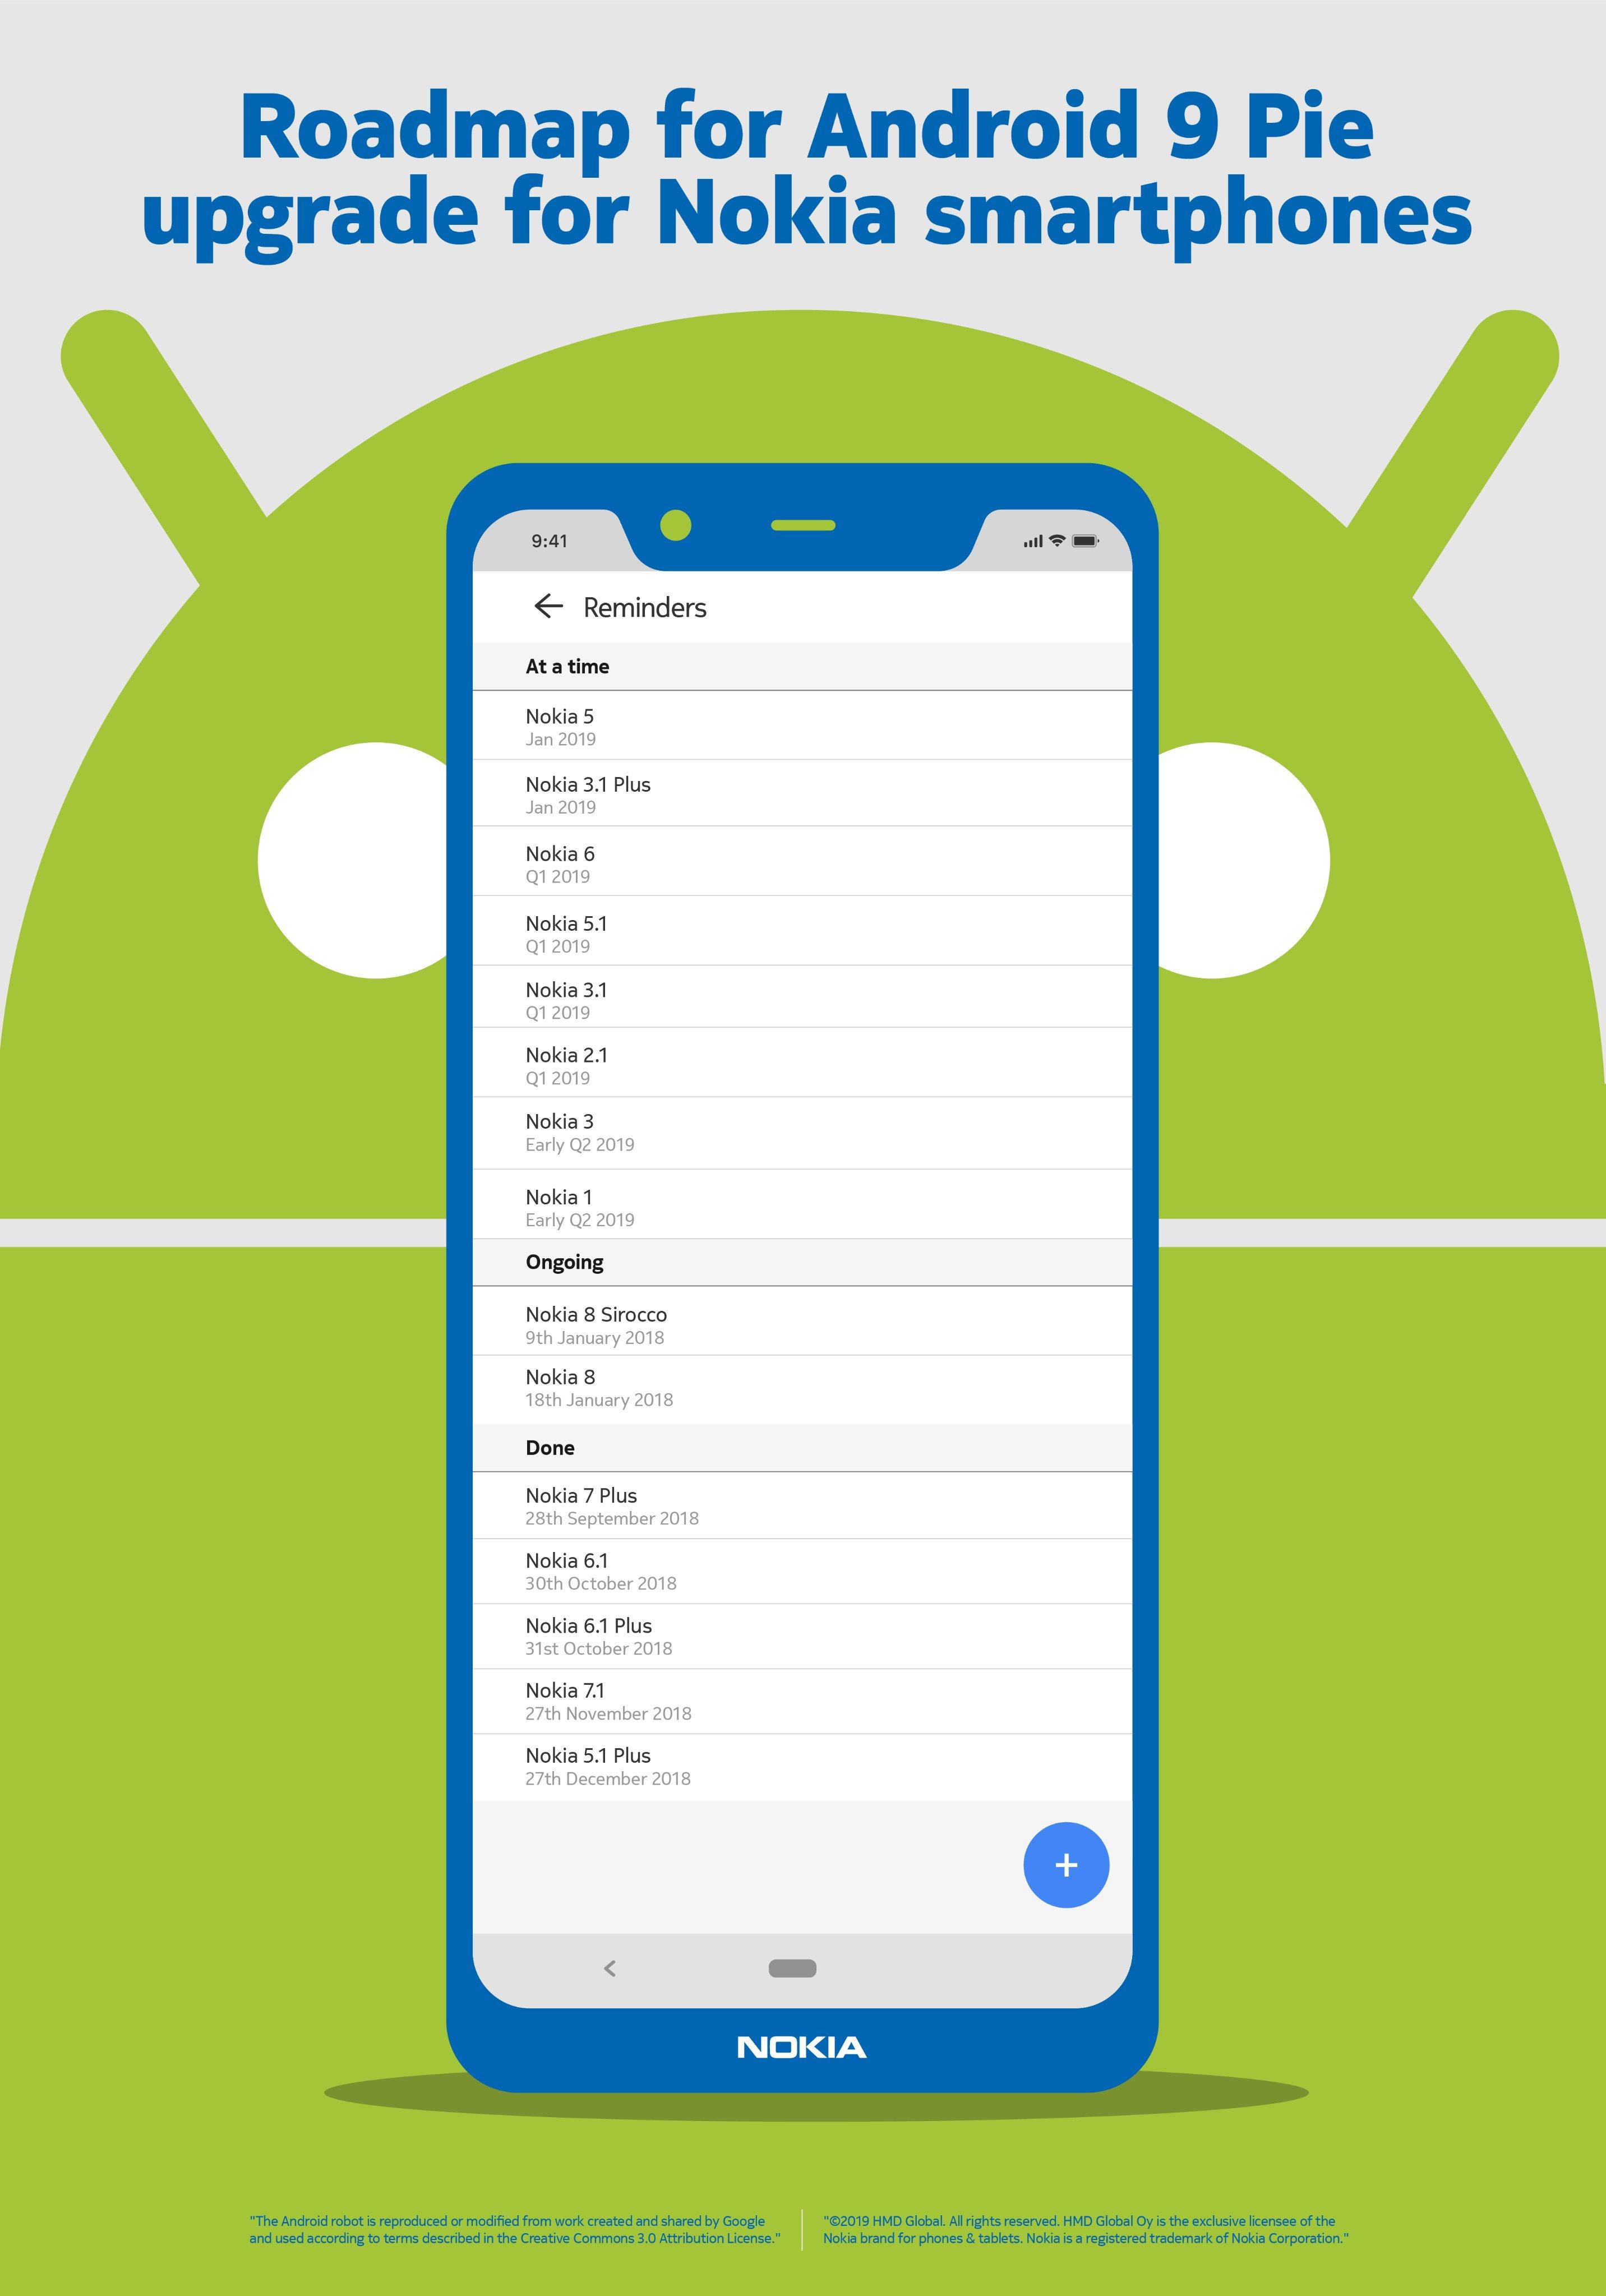 Android Pie Update Roadmap for Nokia Smartphones